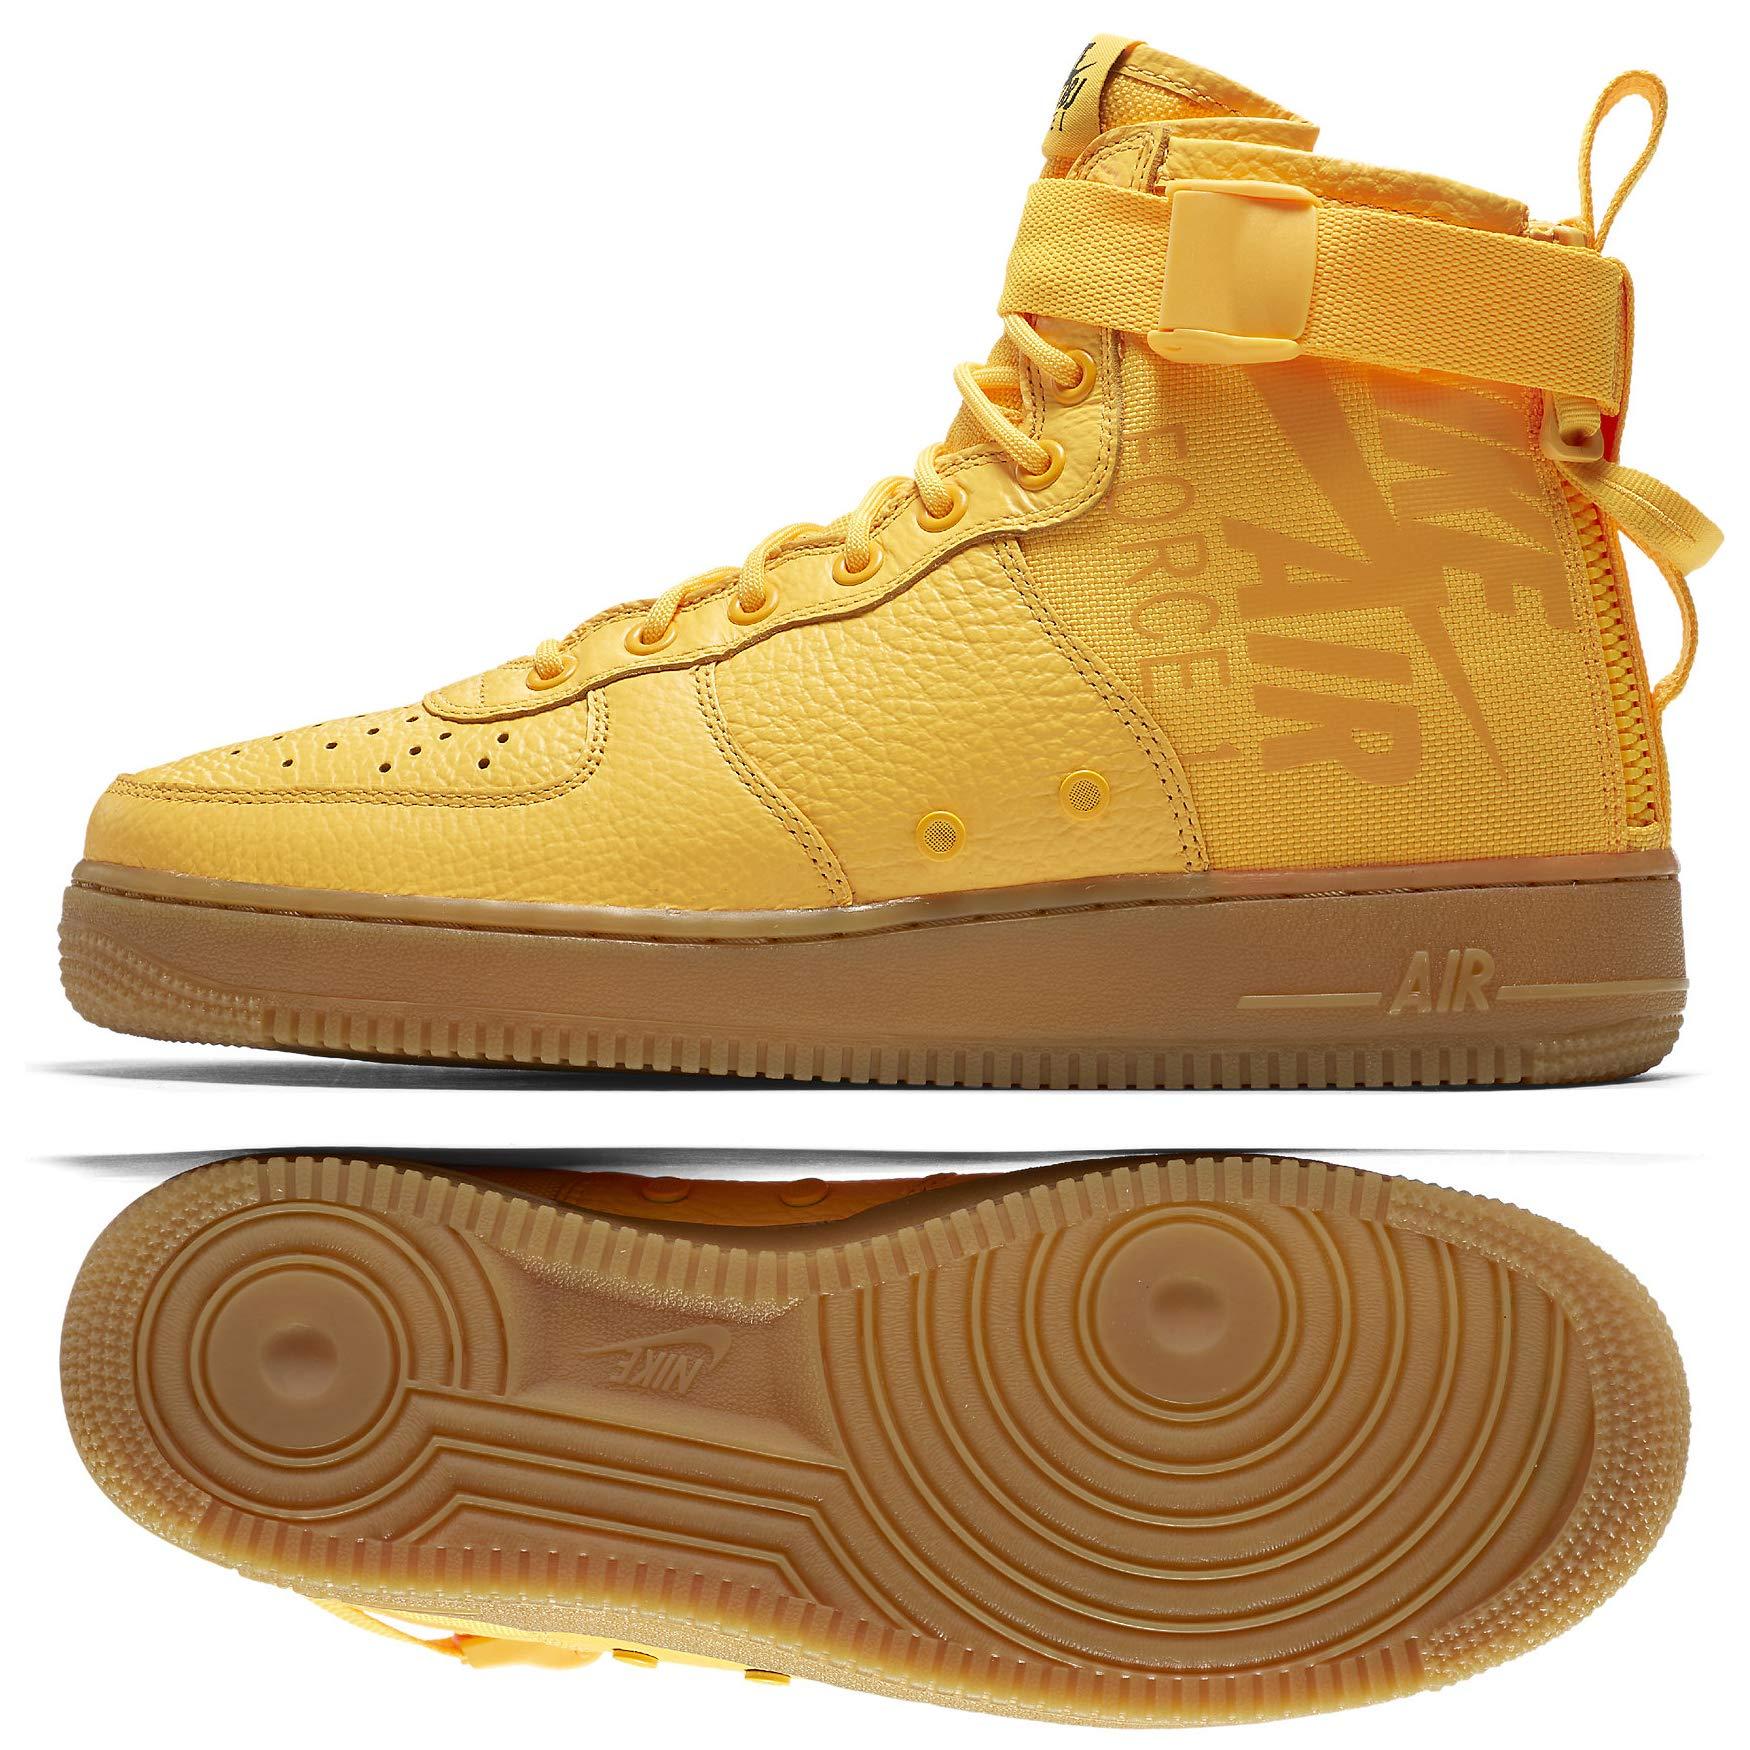 sale retailer 6e181 6dbf9 Galleon - Nike SF AF1 MID 917753 801 Laser Orange OBJ Odell Beckham Men s  Shoes (11)